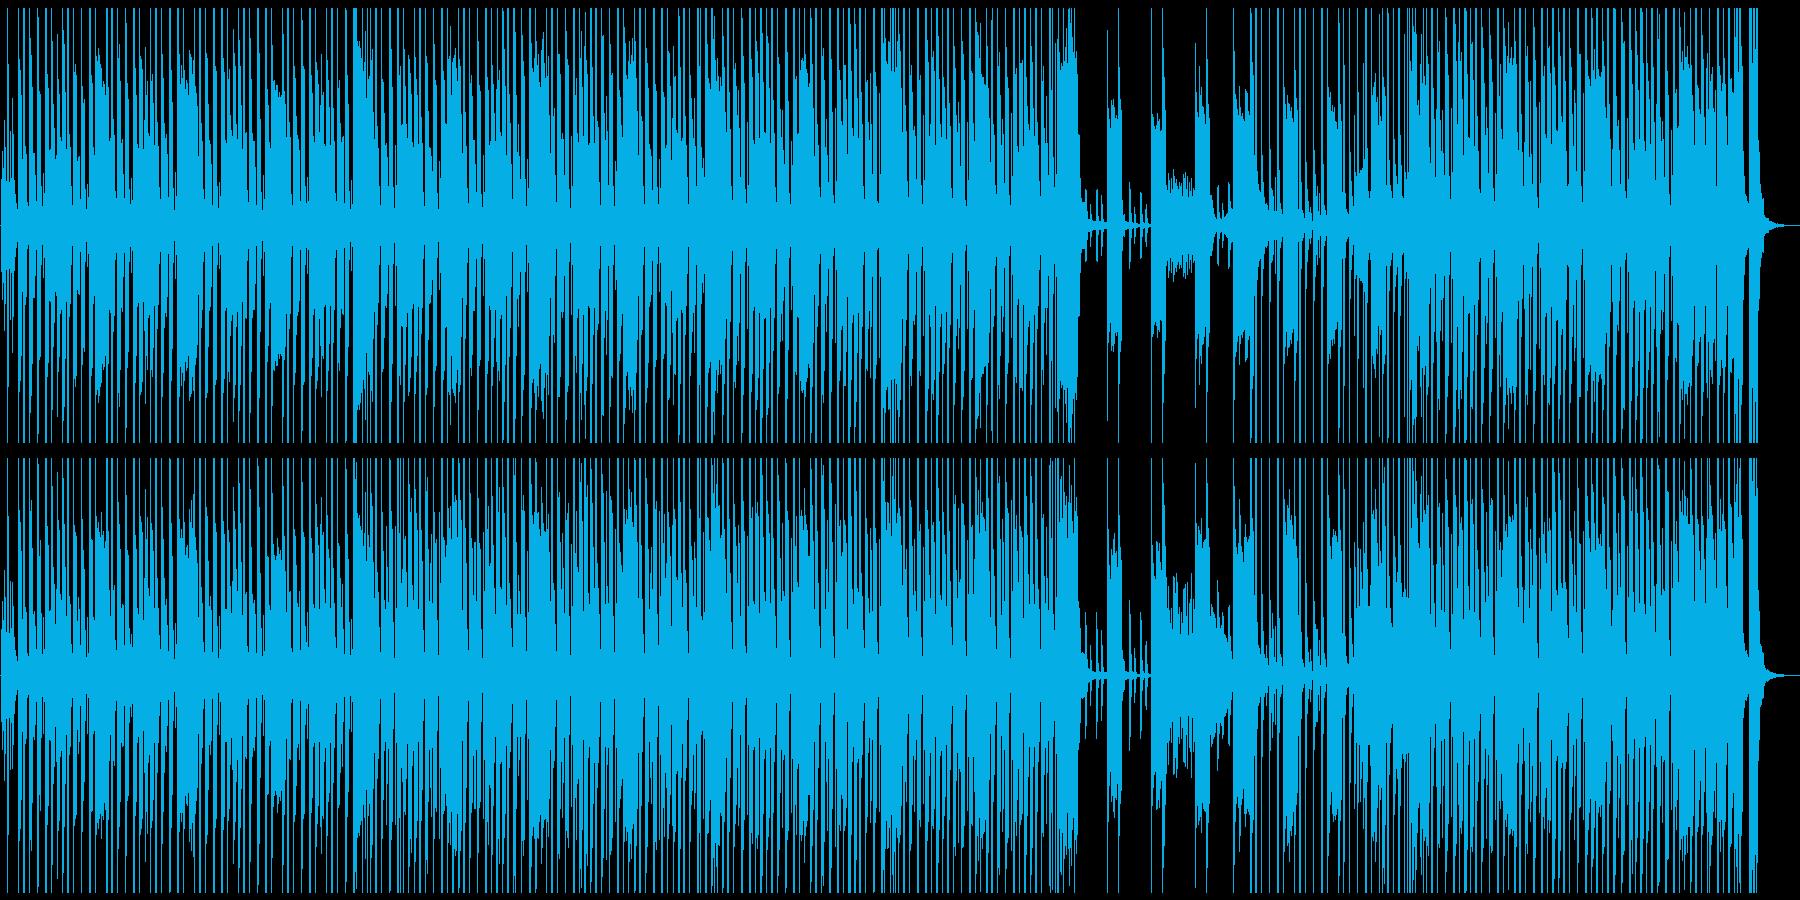 軽快・コミカルなBGMの再生済みの波形